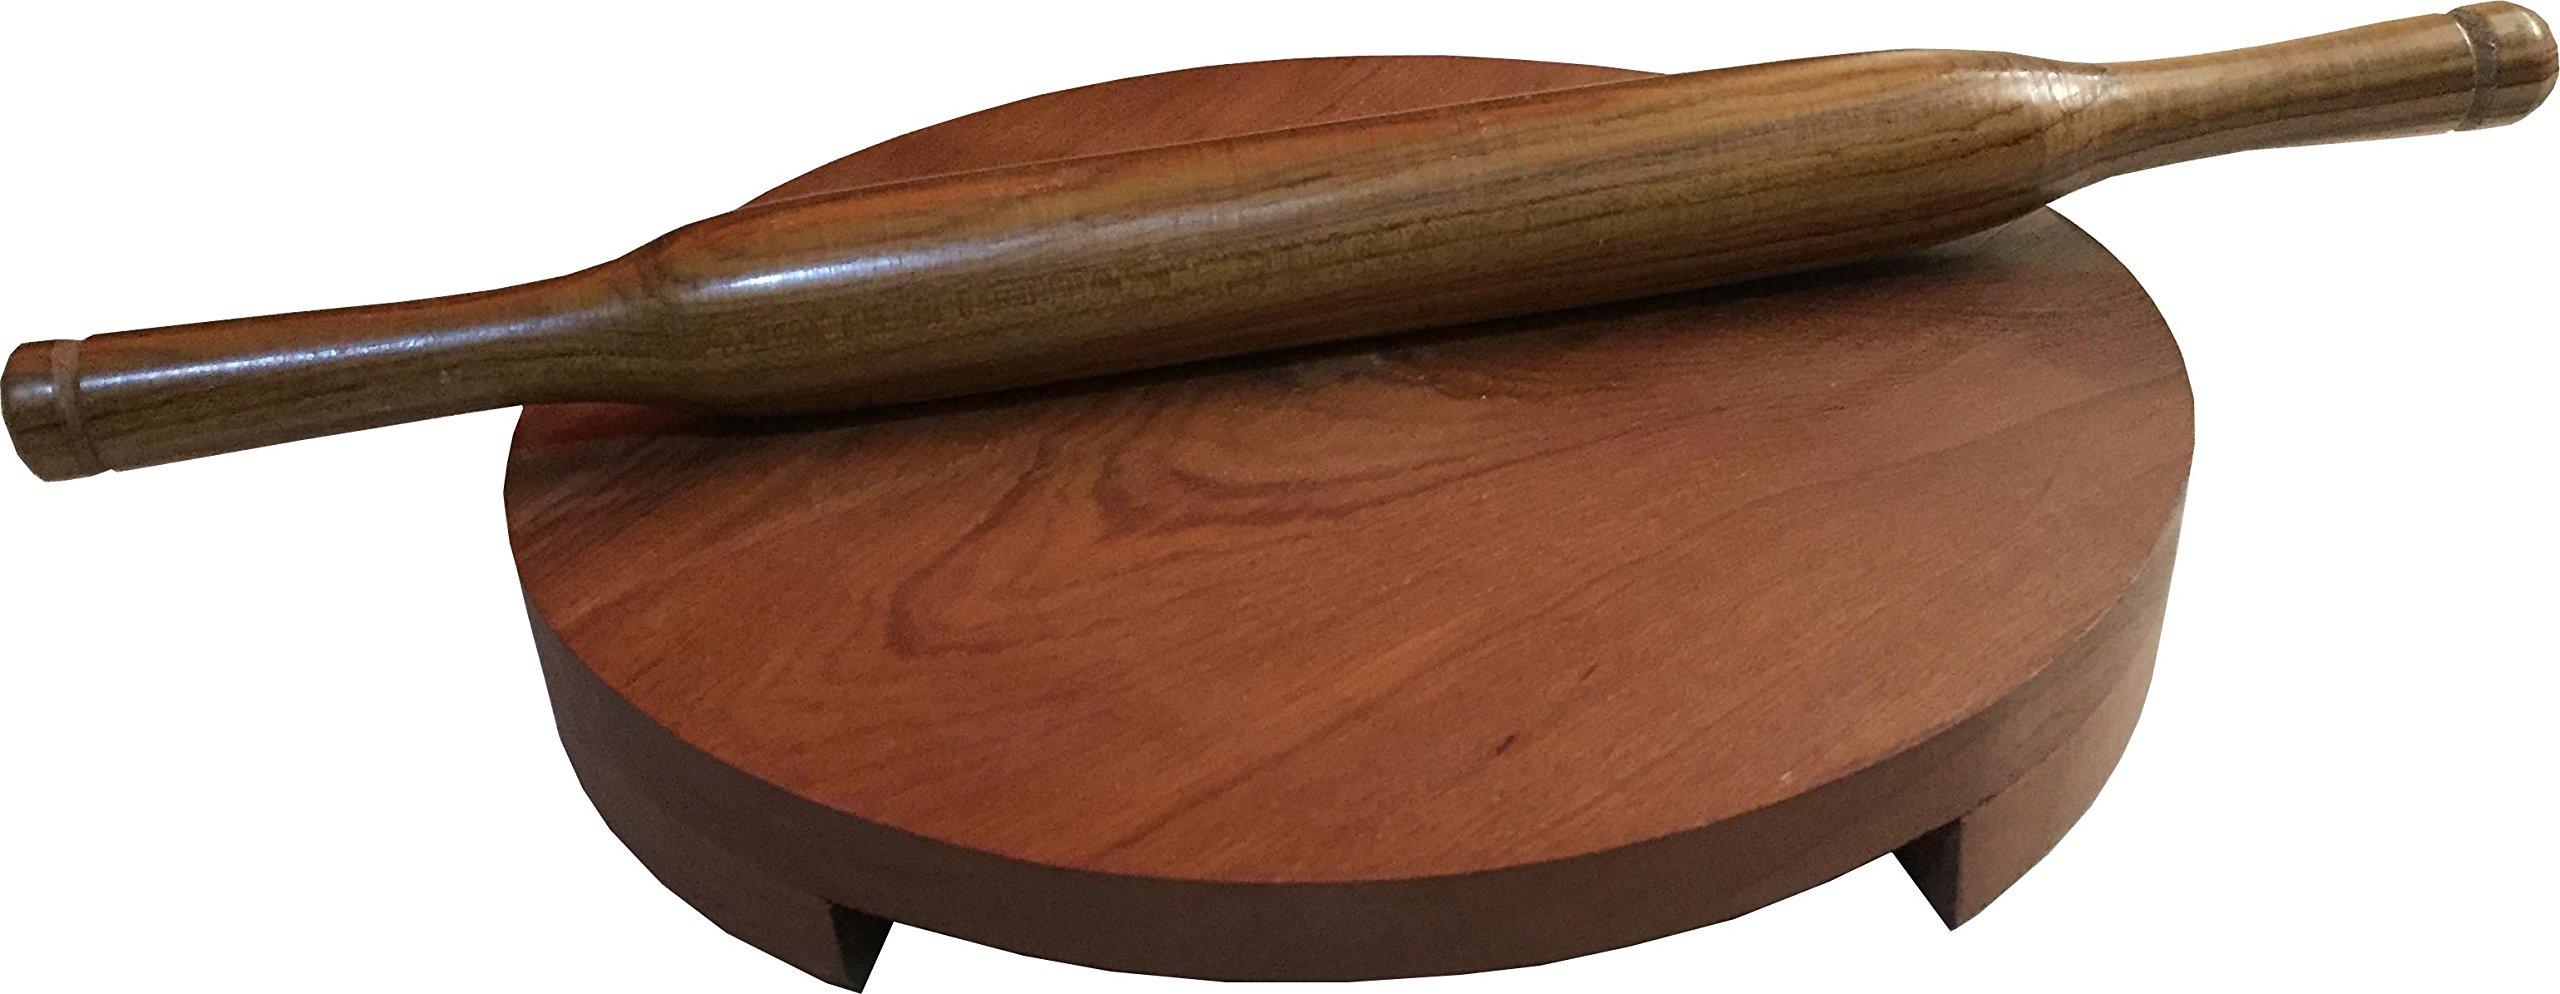 Polpat,Wooden Belan Chakla set,Wooden Belan Chapati (Roti) maker,Chakla,Wooden Chakla,Chapati maker,Roti Maker,Circular Board(Chakla),Rolling Pin(Belan),Chakla and Belan Set,Chakla Belan